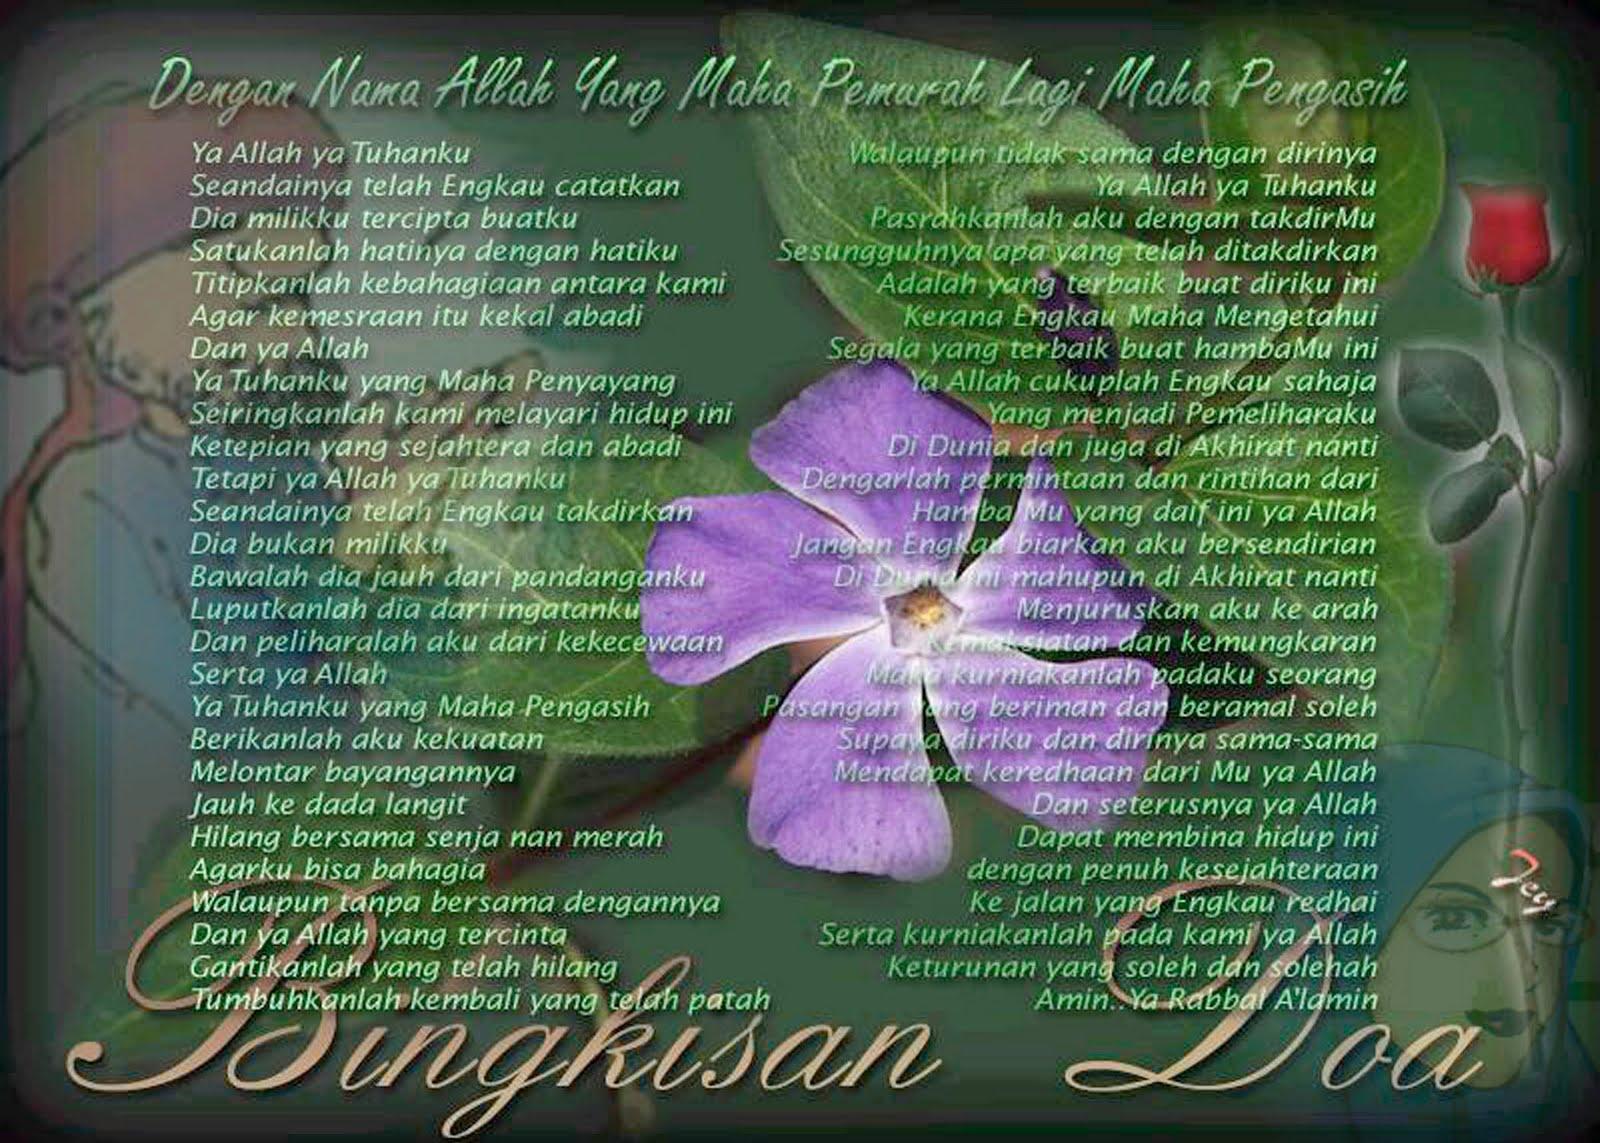 doa, untuk, kekasih, cinta, sayang, putus, cinta, kecewa, bahagia, perempuan, wanita, lelaki, suami, isteri, nikah, kahwin